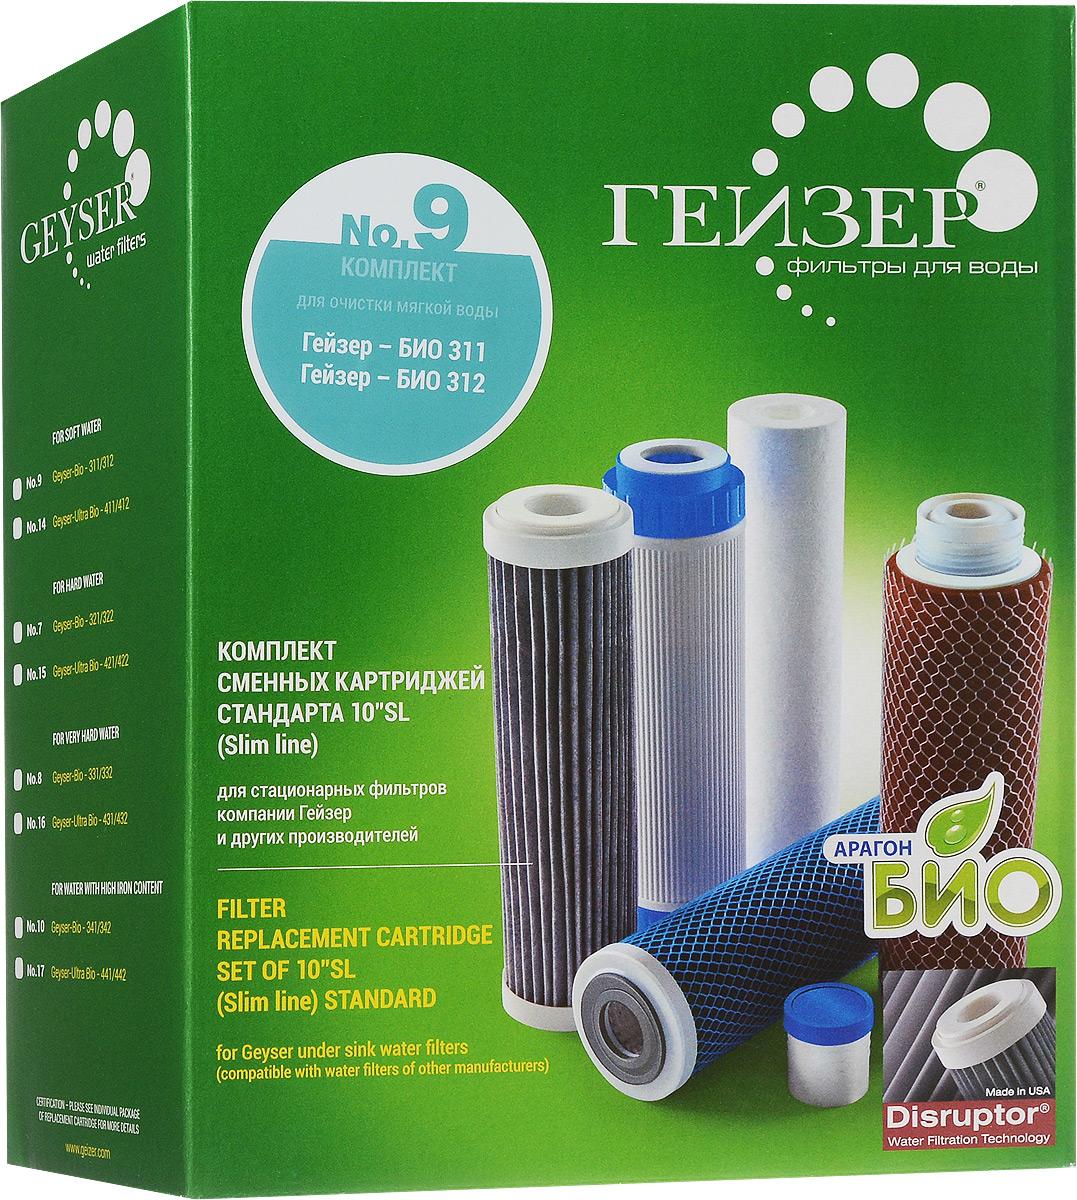 Комплект картриджей Гейзер №9 для фильтров Гейзер Био50037Комплект №9 предназначен для замены исчерпавших свой ресурс картриджей в стационарных трехступенчатых фильтрах для мягкой воды.Признаки мягкой воды: плохо смывается мыло и шампунь, коррозия сантехники.Для получения качественной питьевой воды необходимо очистить ей от нерастворимых частиц, вредных химических соединений и микроорганизмов и улучшить её вкусовые качества.Входящий в комплект картридж Арагон-М позволяет равномерно распределять нагрузку по всем ступеням системы. Это позволяет использовать для доочистки и кондиционирования высококачественные активированные угли.Используется в системе Гейзер: Био 311Био 312Так же совместим с другими трехступенчатыми системами Гейзер и системами других производителей стандарт 10SL (Slim Line).Состав комплекта №9: 1-я ступень (картридж PP 5 мкр.). Ресурс 20000 литров.2-я ступень (картридж Арагон М Био). Ресурс 7000 литров.3-я ступень (картридж ММВ). Ресурс 10000 литров.Назначение комплекта картриджей:1-я ступень (картридж PP 5 мкр.). Механическая фильтрация. Эти картриджи применяются в бытовых фильтрах для очистки воды от грязи, взвешенных частиц и нерастворимых примесей. Этот недорогой картридж первым принимает удар на себя и защищает последующие ступени системы очистки воды от быстрого загрязнения.В условиях возможных грязевых выбросов в водопровод это простой и эффективный способ защиты картриджей тонкой очистки для бытовых фильтров для воды.Вышедший из строя картридж механической очистки быстро и просто заменяется, зато остальные фильтроэлементы работают дольше и с максимальной эффективностью. Картридж Изготовлен из вспененного полипропилена.2-я ступень (картридж Арагон М Био).Арагон-М БИО – картридж из материала Арагон БИО. Имеет 3 уровня фильтрации (механический, ионообменный и сорбционный). Картридж Арагон-М БИО прошел государственную сертификацию в Федеральной службе по надзору в сфере защиты прав потребителей и благополучия человека и по системе ГОСТ Р по очист